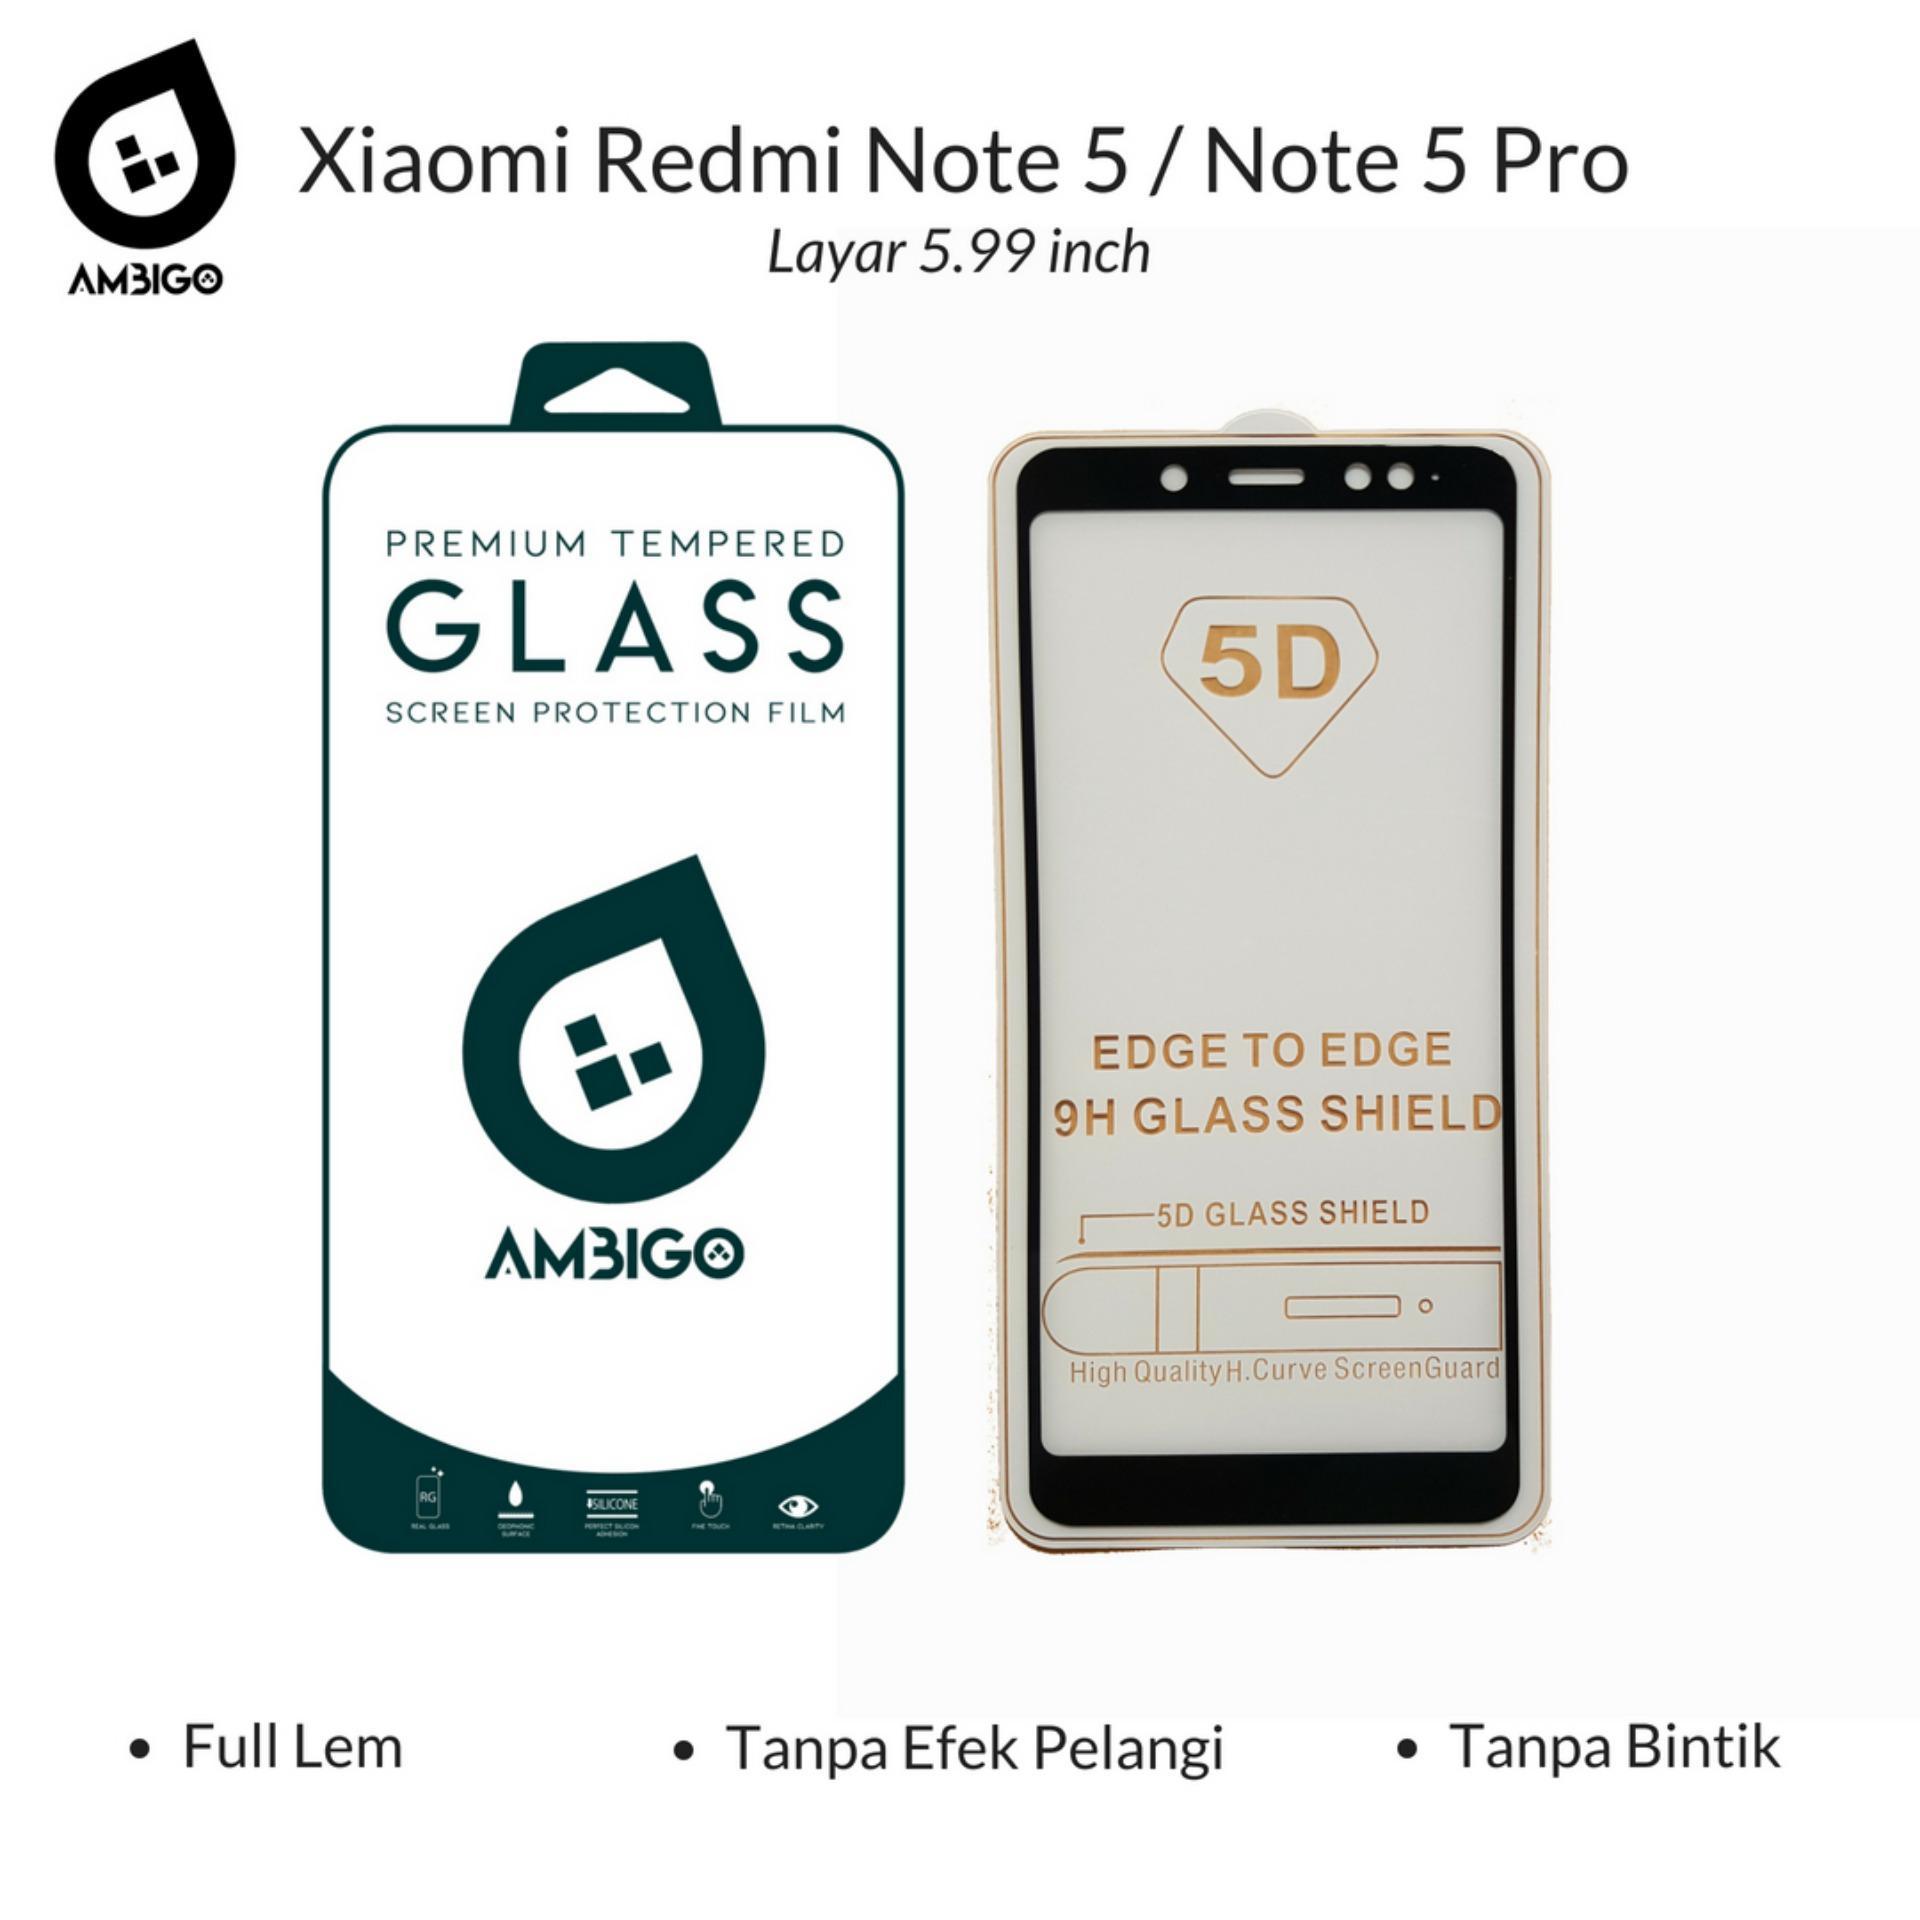 Accessories Hp Ambigo Tempered Glass 5D Full Cover Warna / Anti Gores Kaca Full Lem Untuk Xiaomi Redmi Note 5 / Note 5 Pro ( 5.99 inch ) - Black